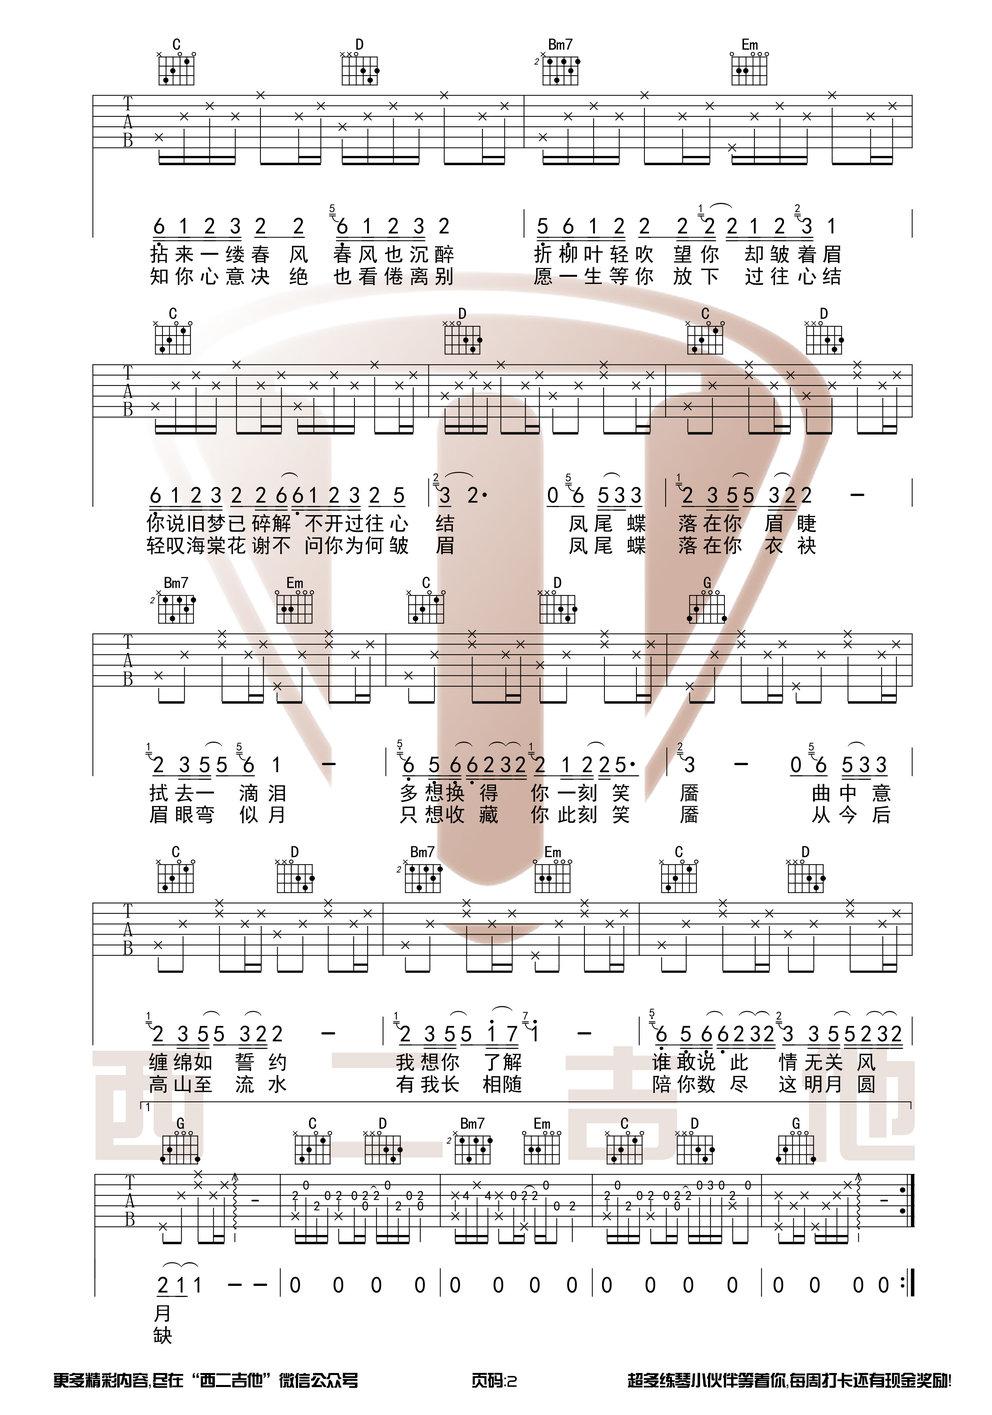 落-佚名-图片吉他谱-2